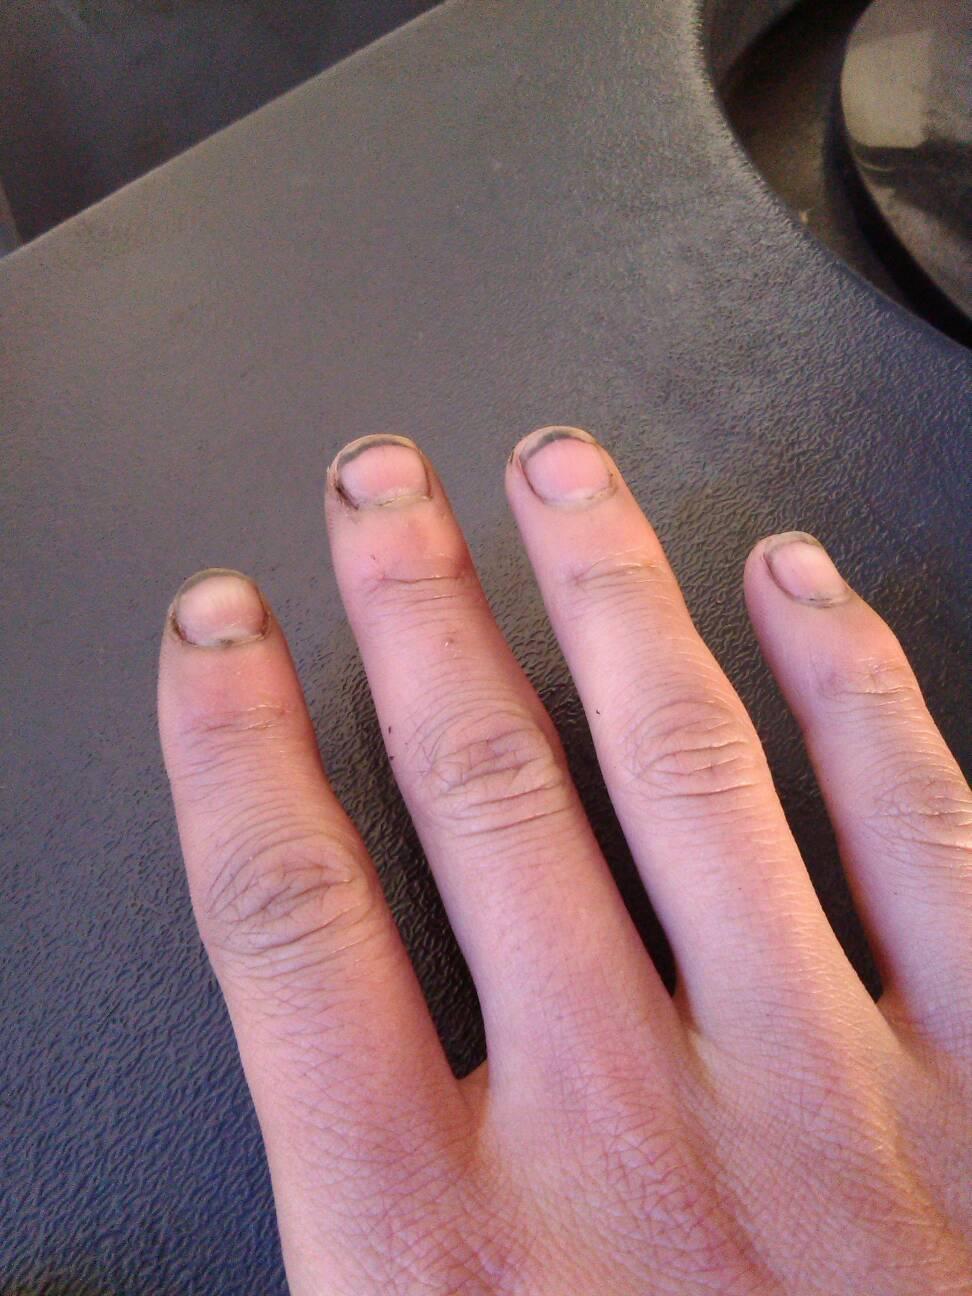 0回答 20 手指甲粉红色部分从中间横着断了,能再长出来吗?图片